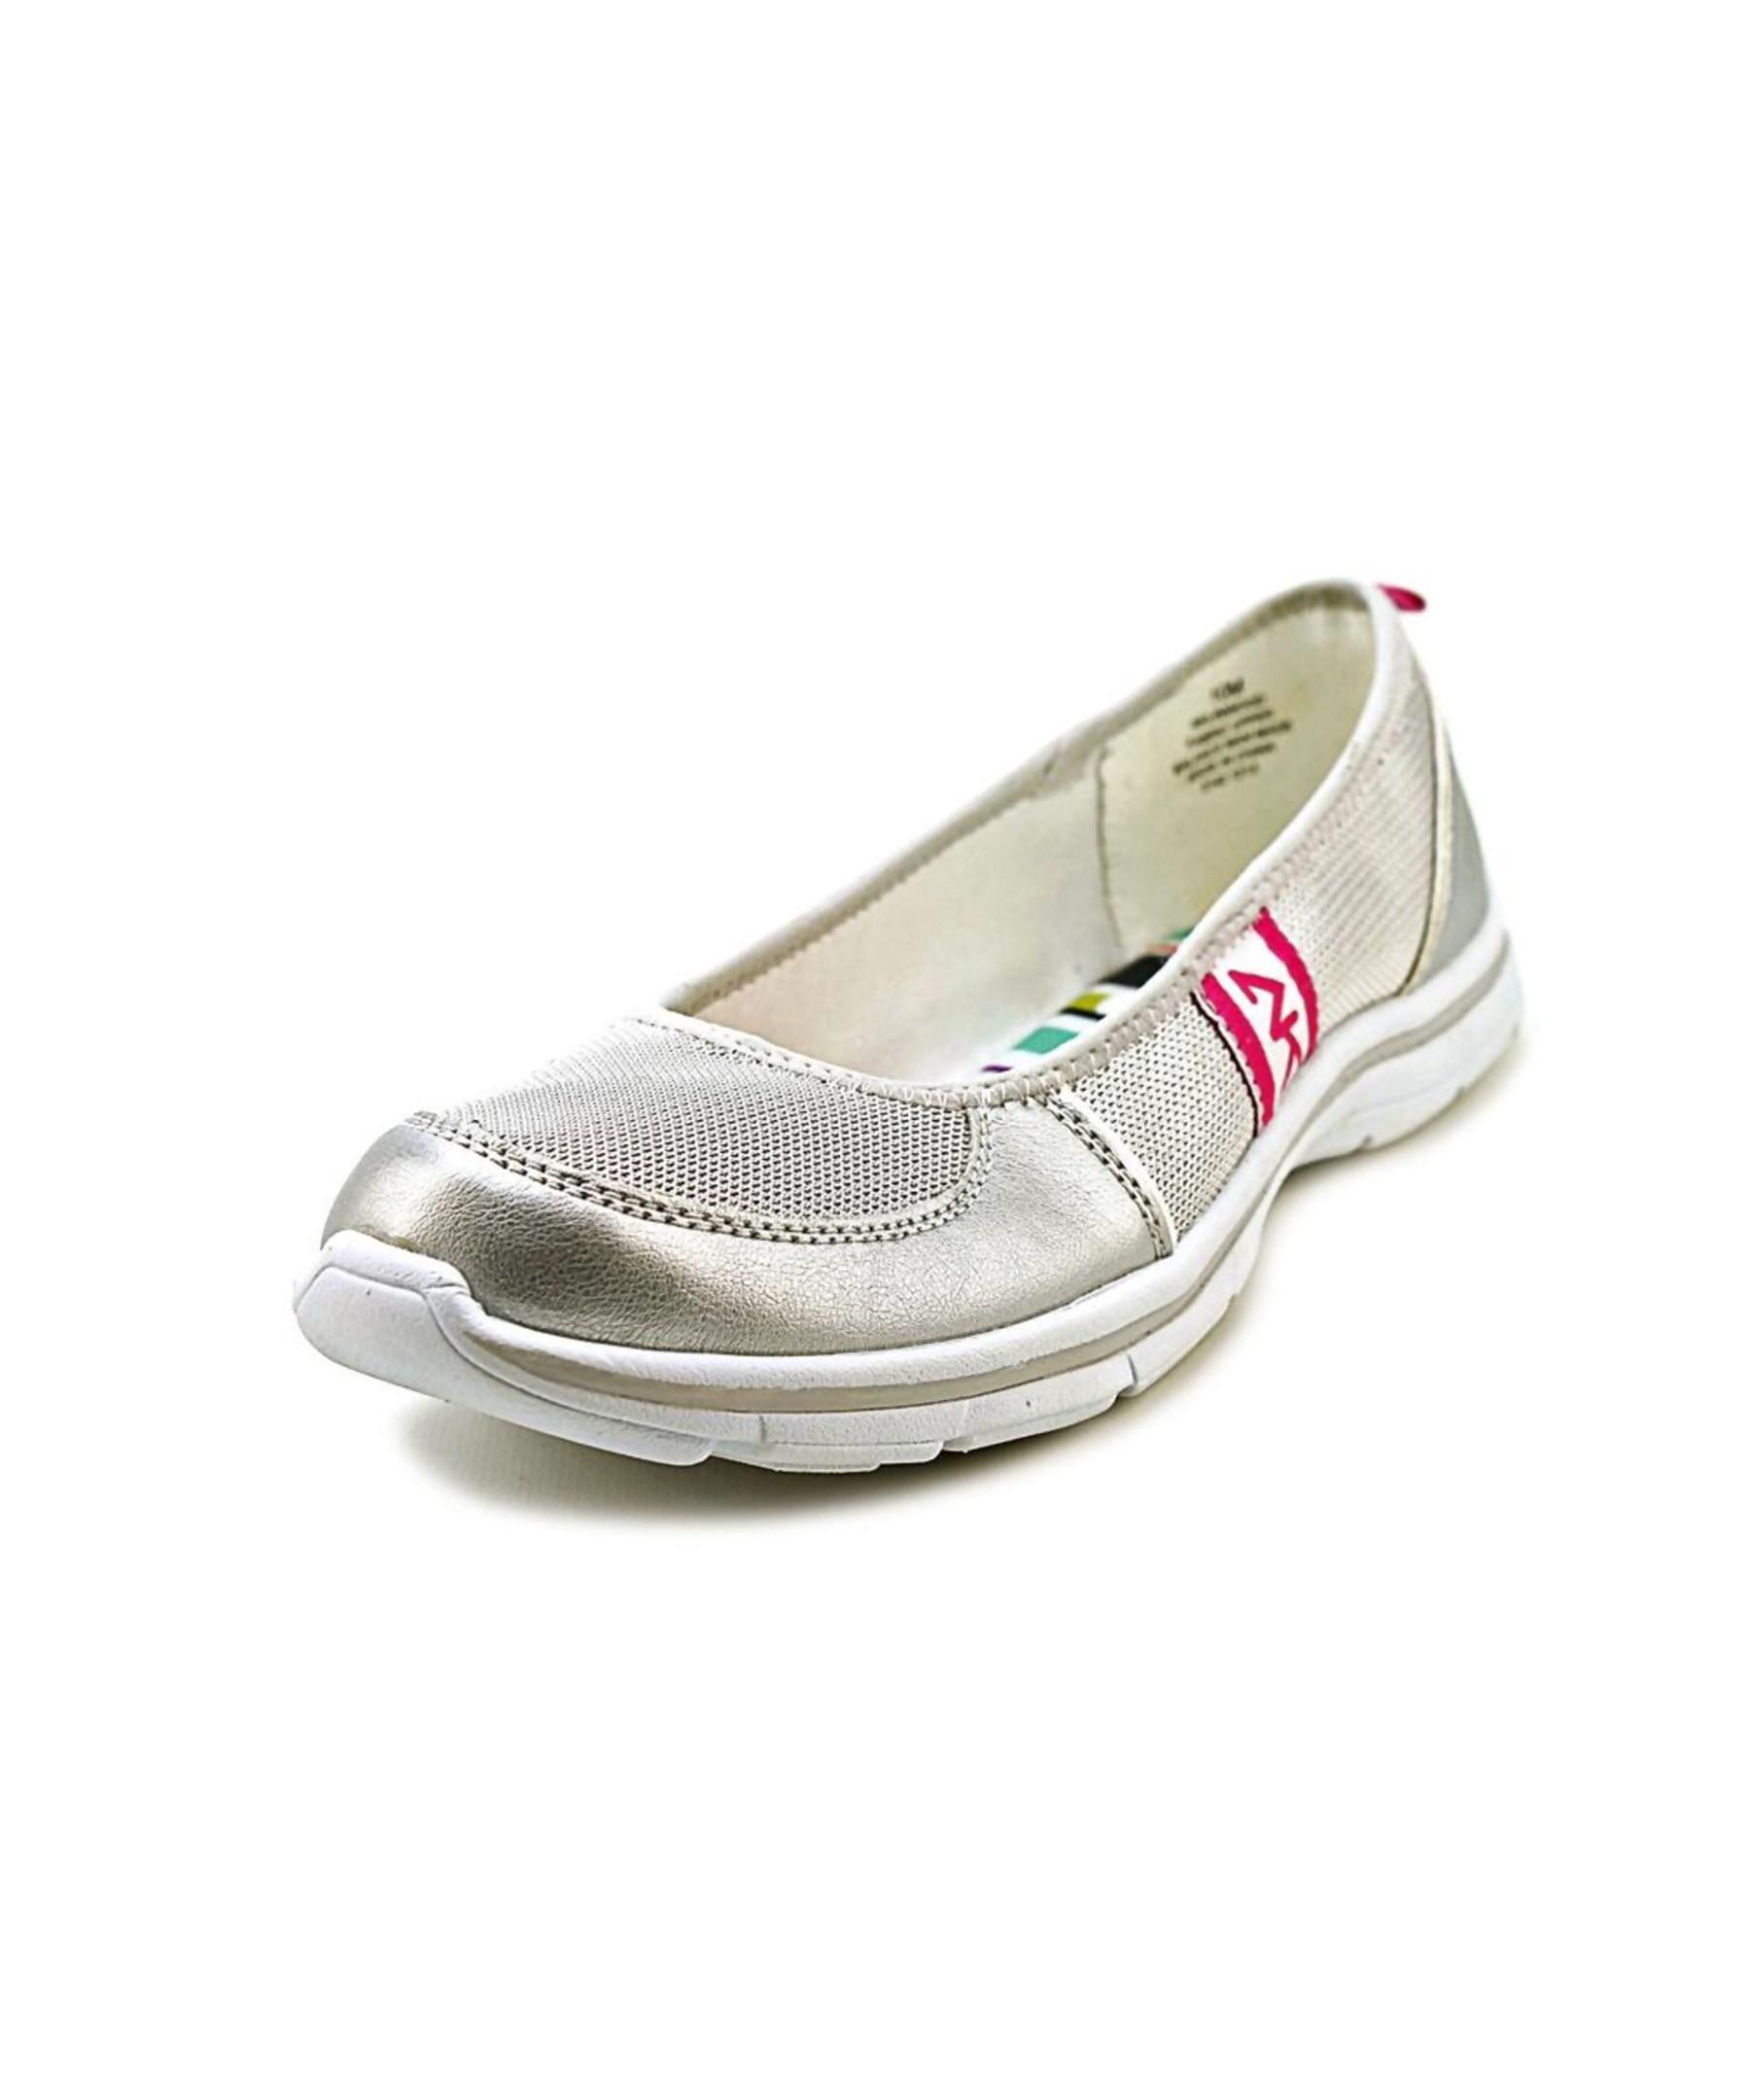 klein linwood toe canvas walking shoe in